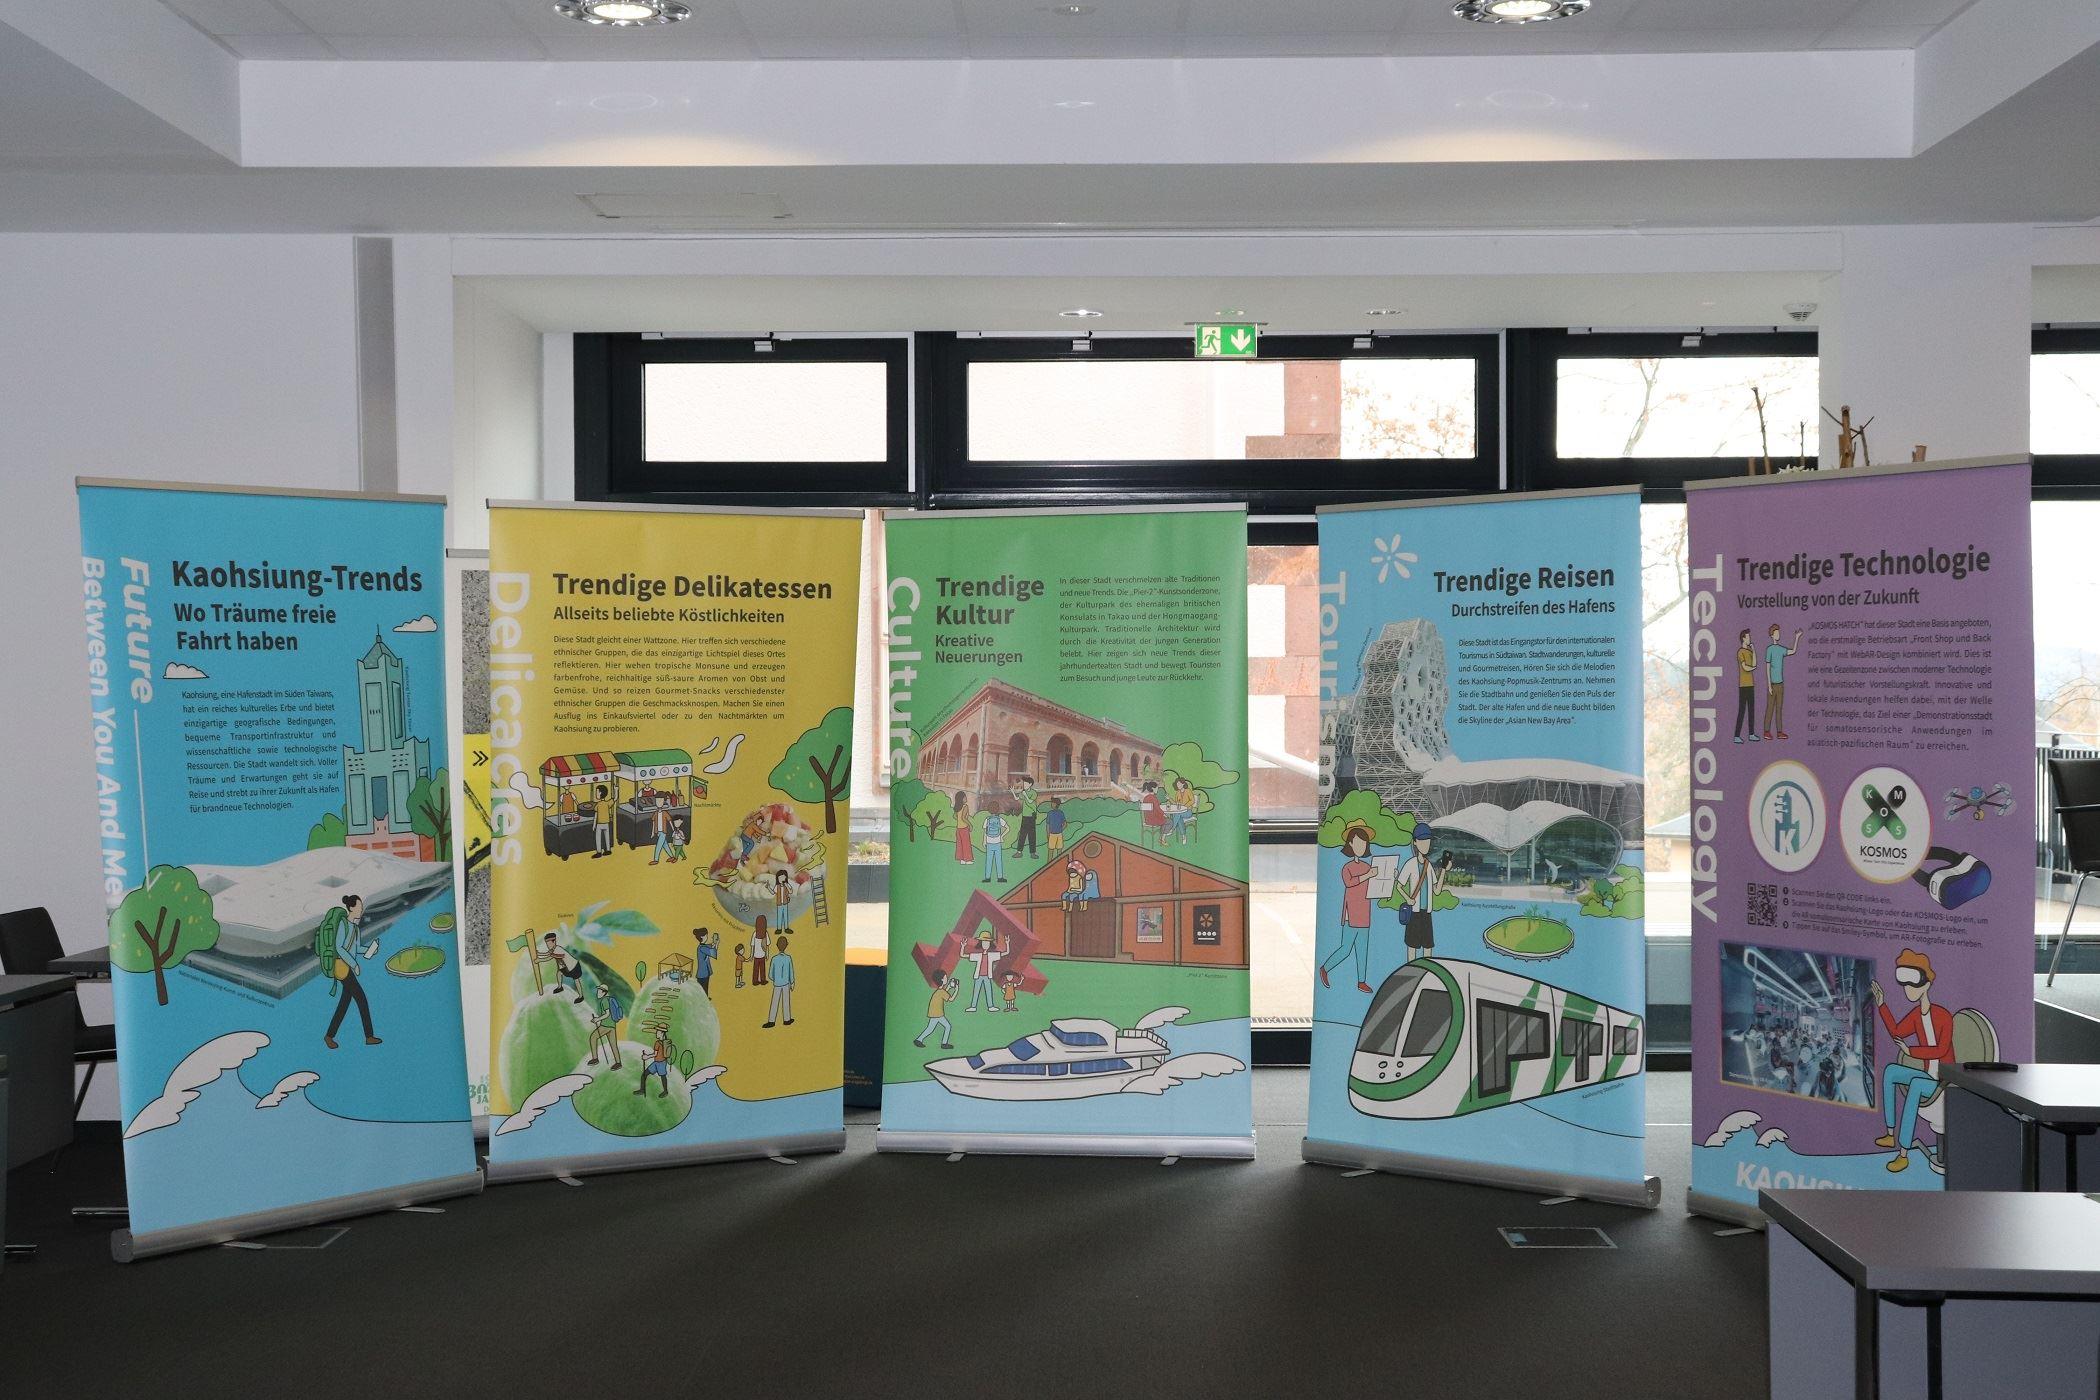 德國礦山縣將展出於安娜貝格-布赫霍爾茨市的主要市政大樓中庭.jpg